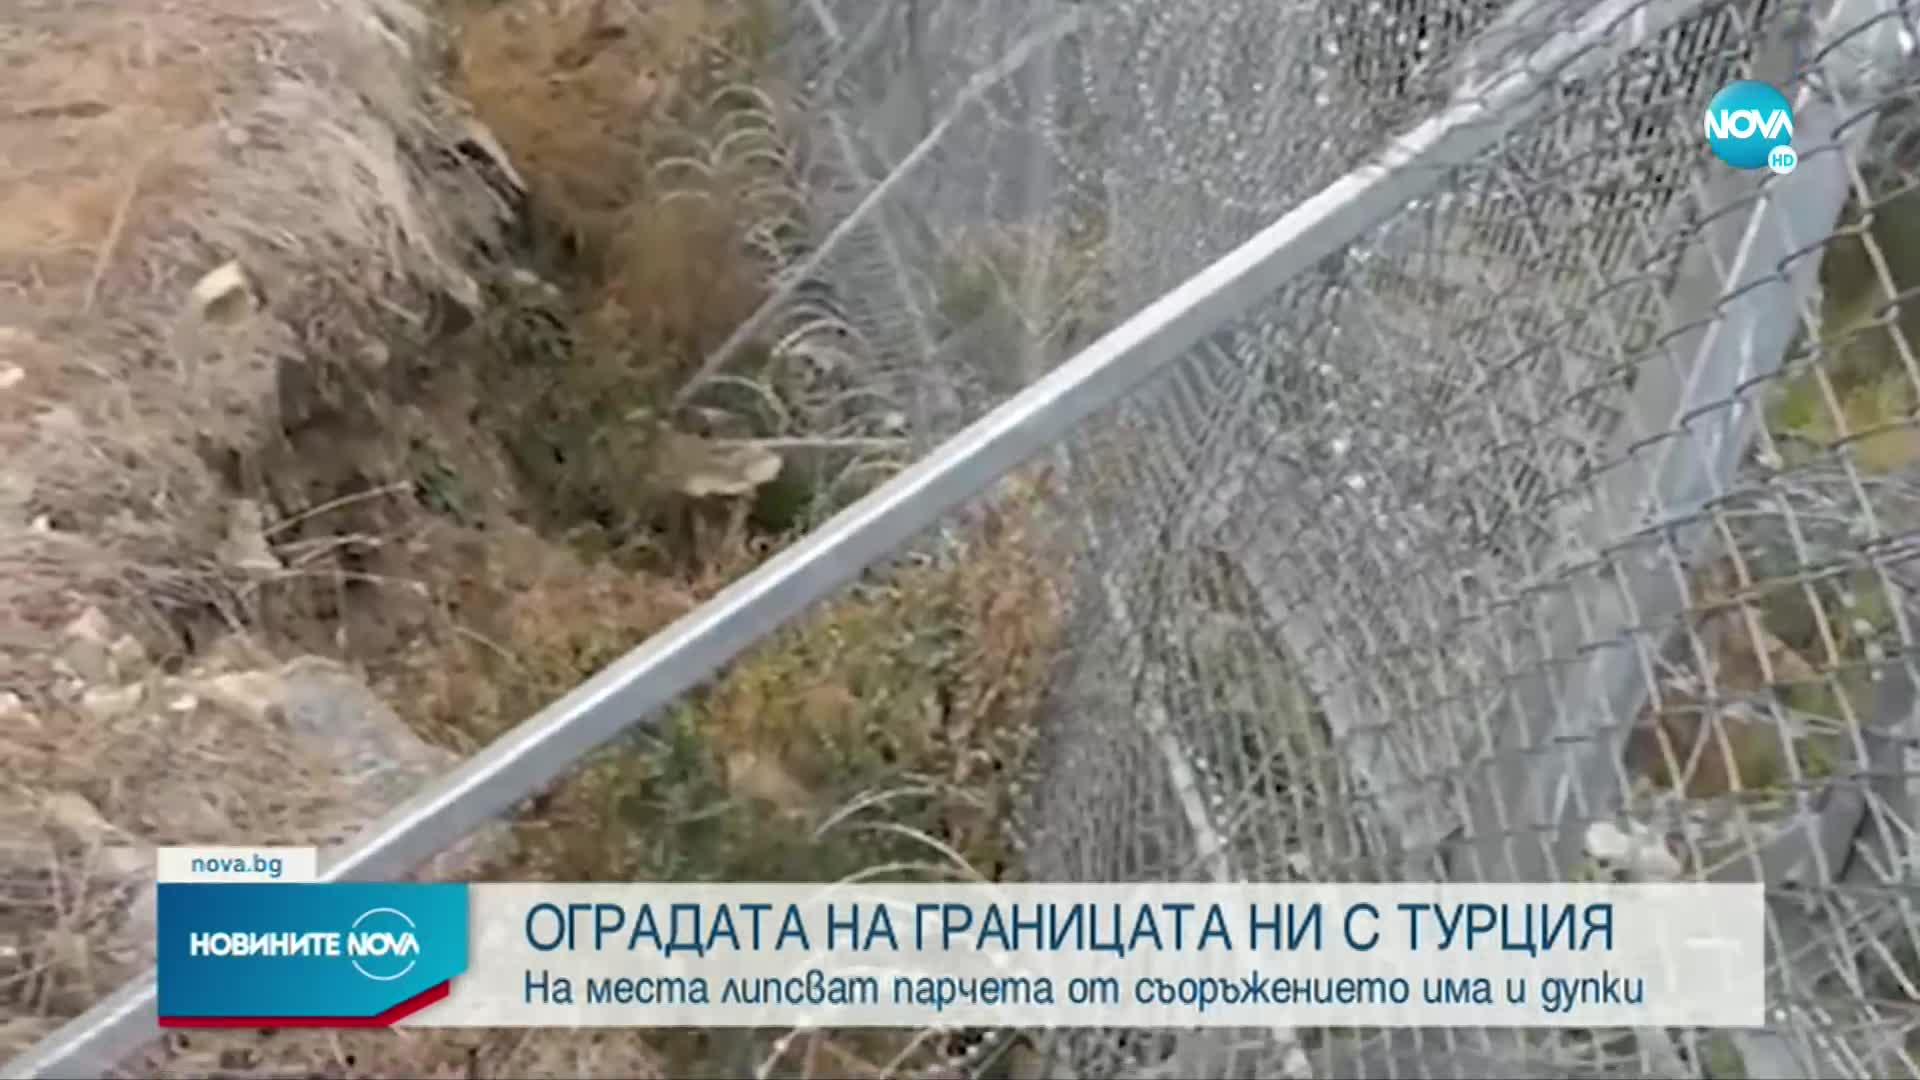 МВР ще отговаря за оградата по границата между България и Турция